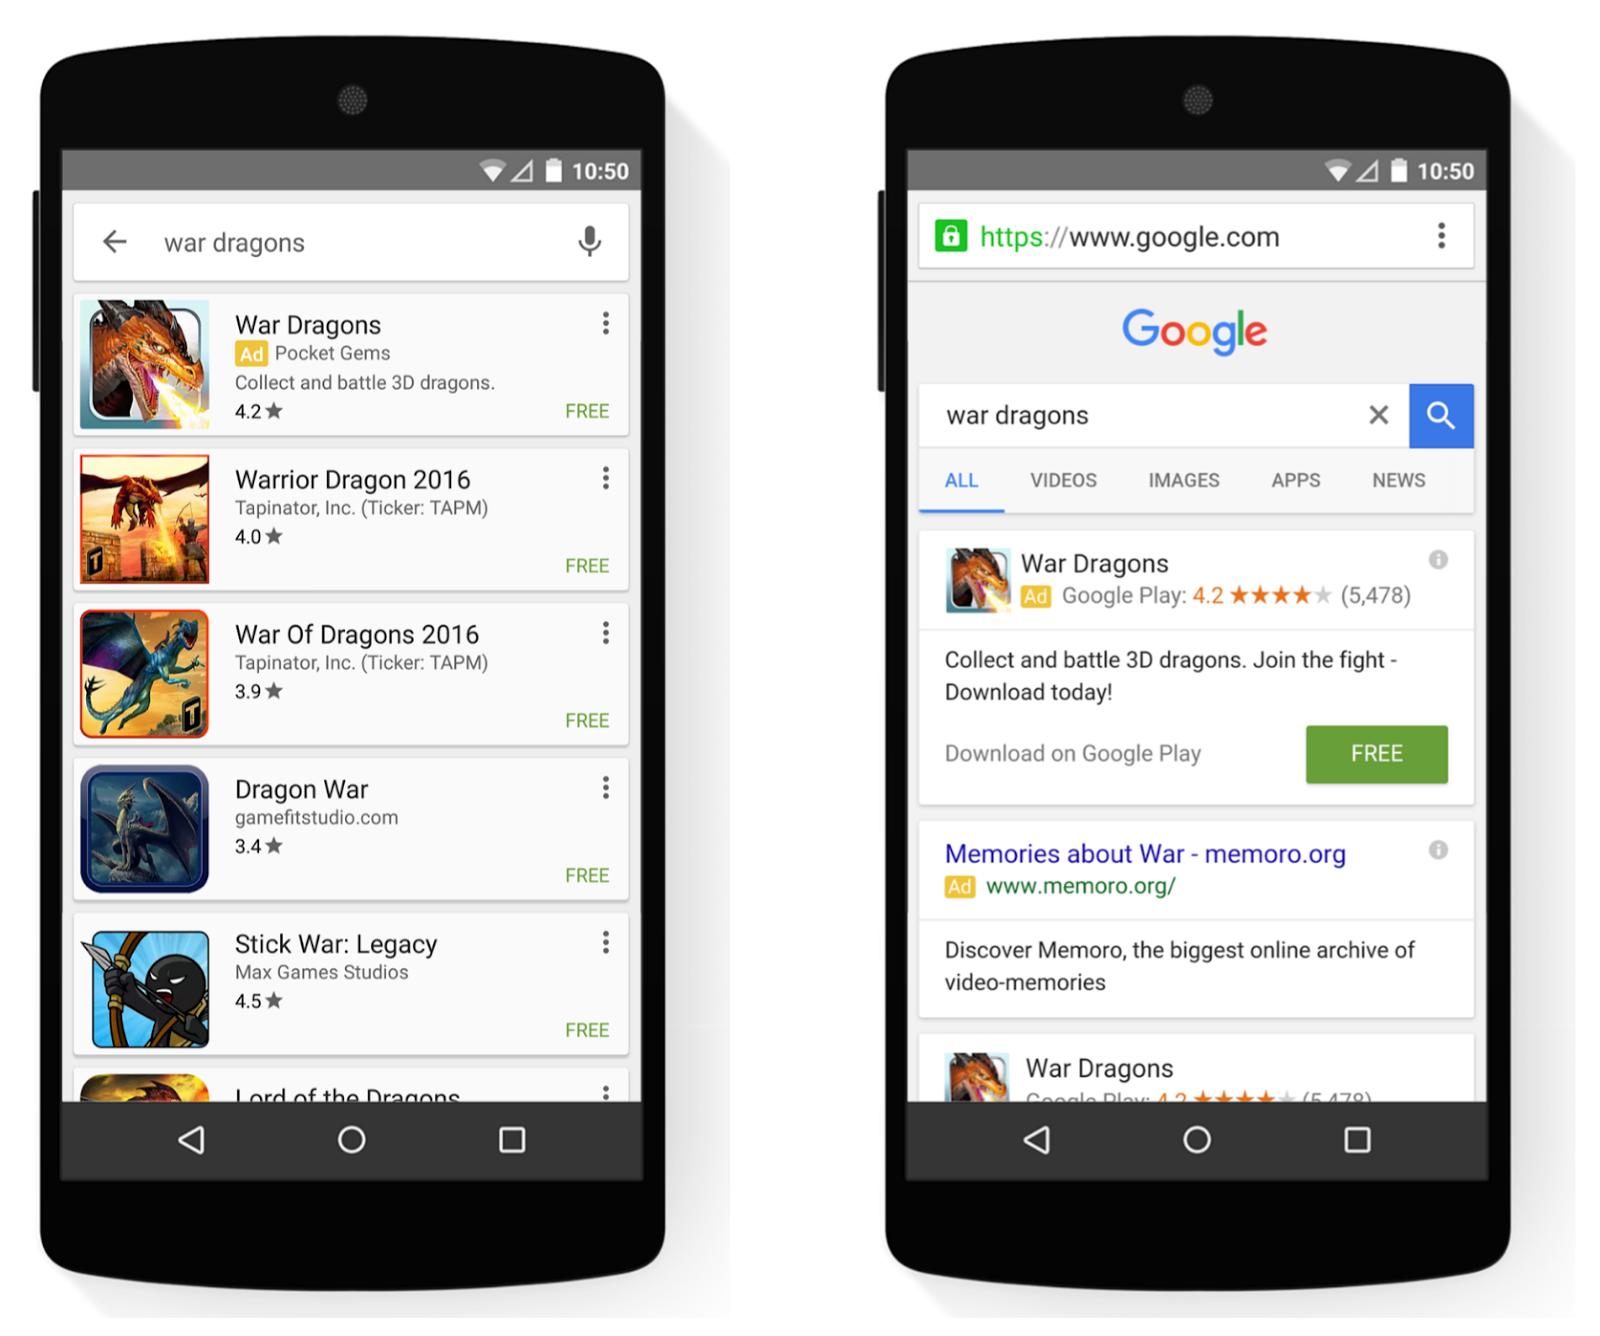 تبلیغات گوگل برای اپلیکیشن